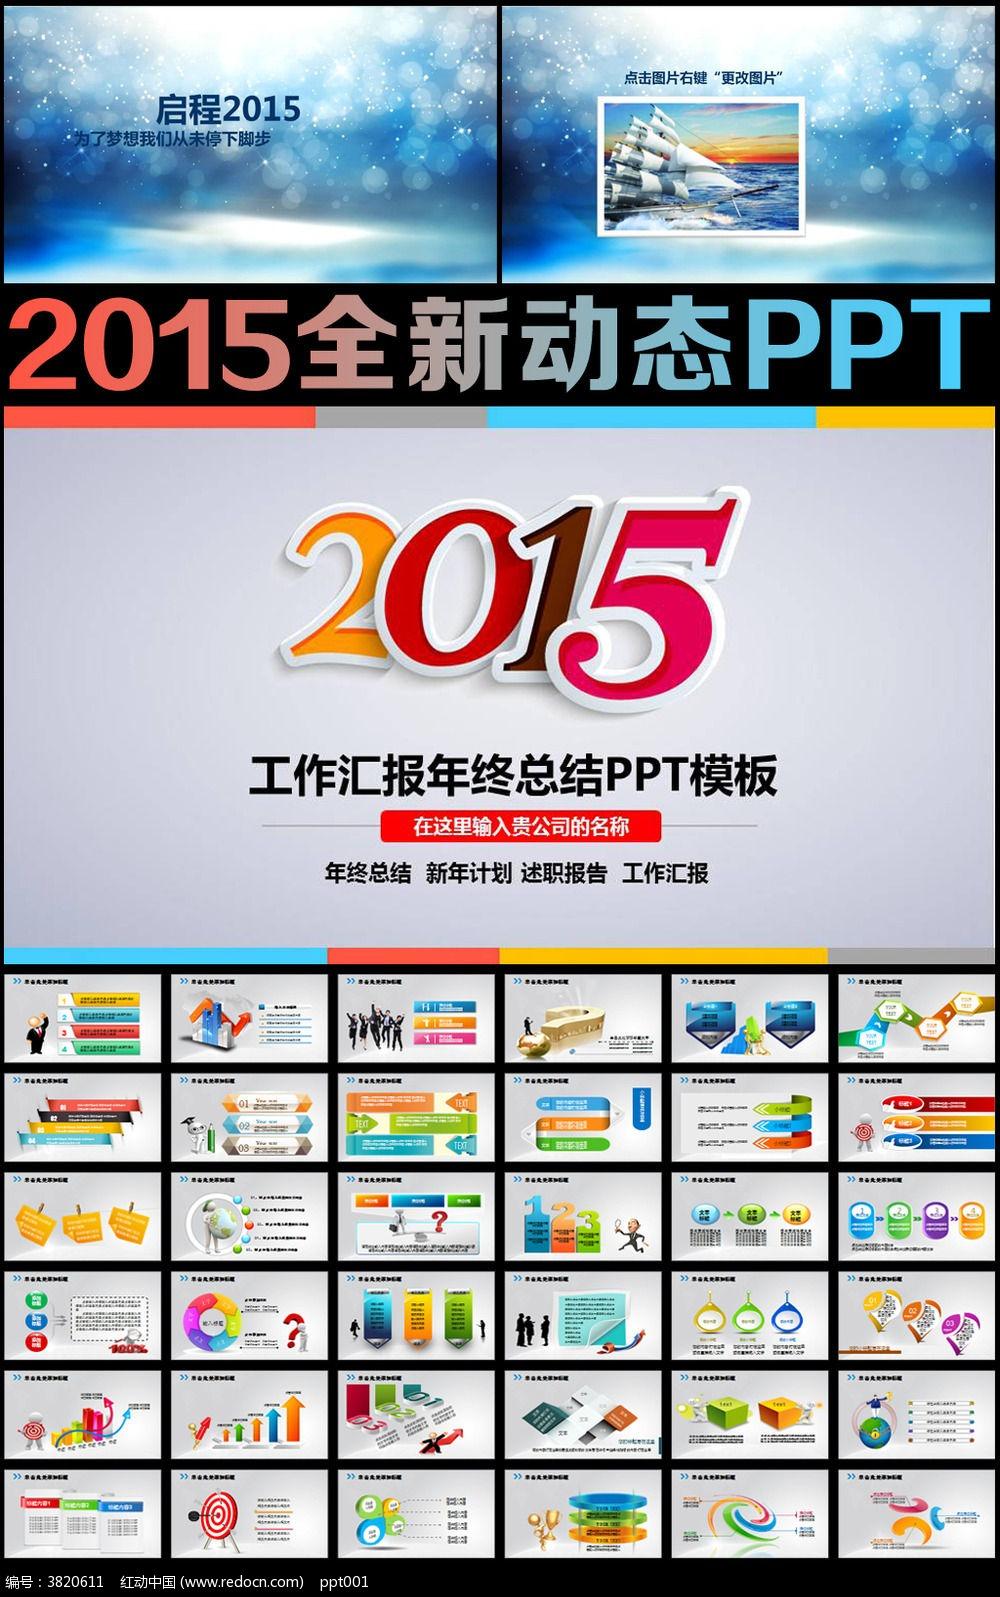 标签:2015年 简洁商务 赢战羊年 羊年开门红 年终总结 新年计划 PPT